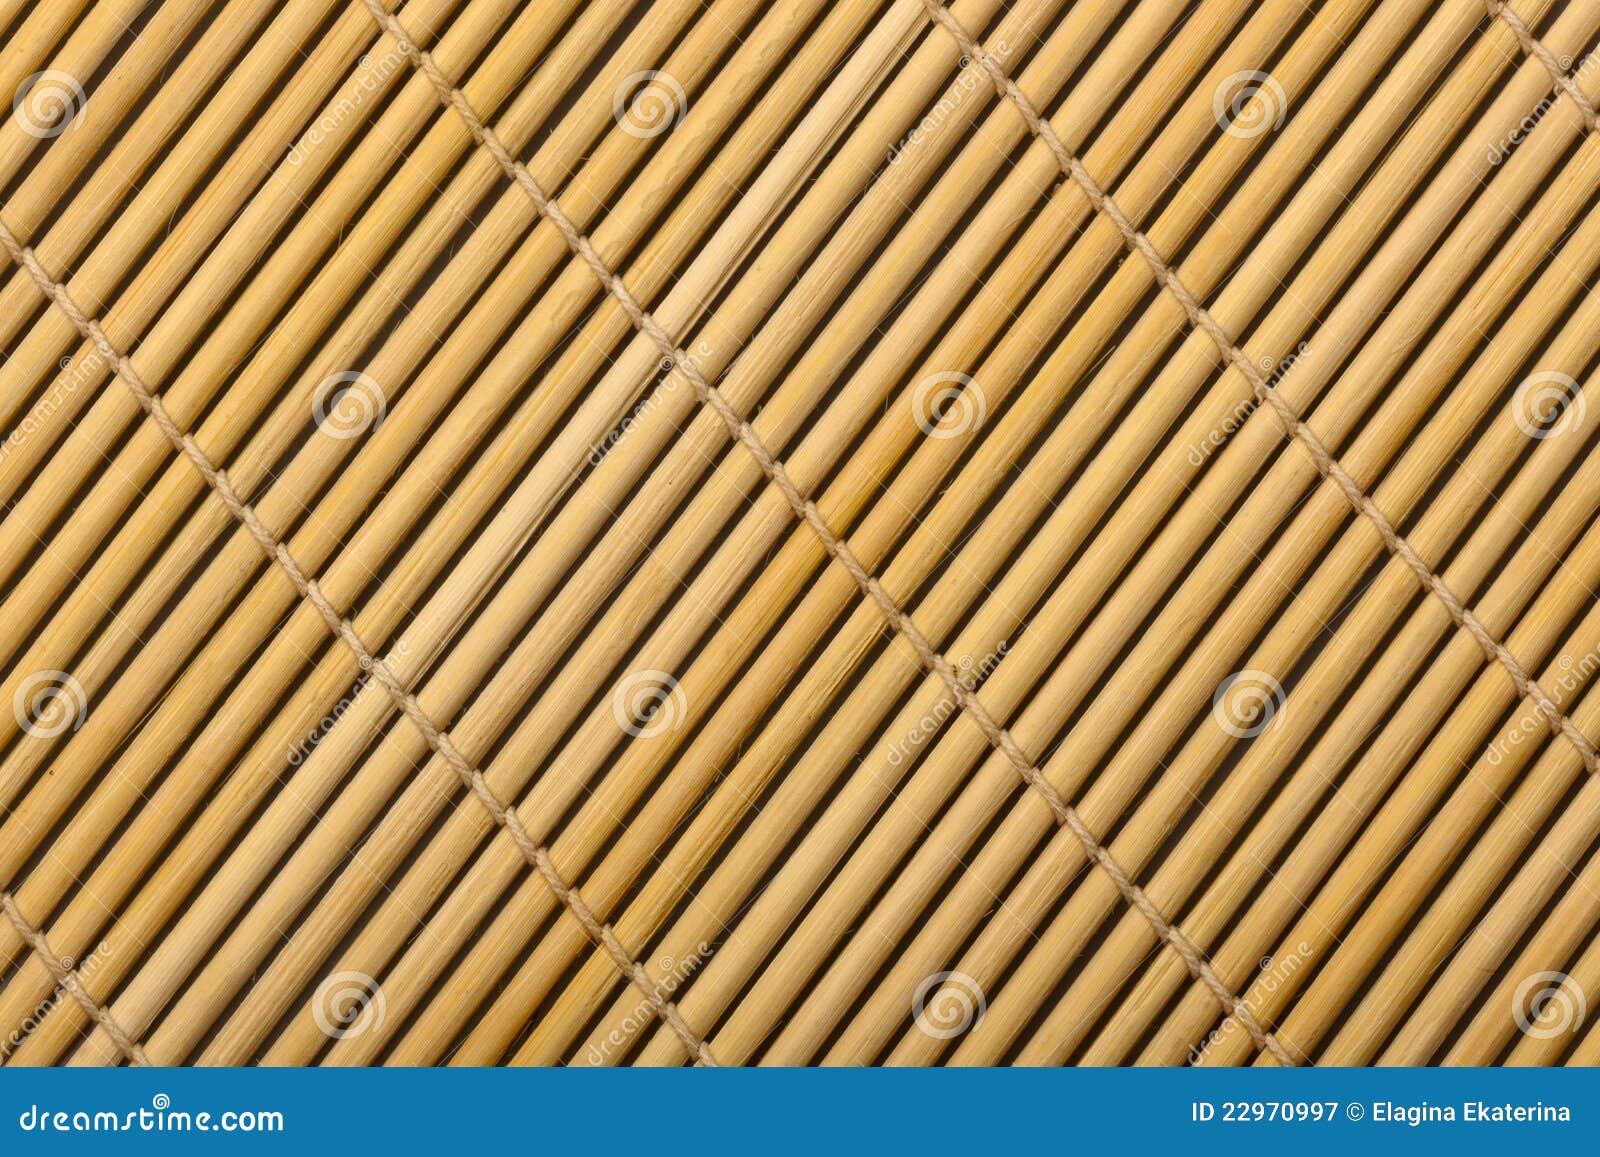 Couvre tapis en bambou photographie stock libre de droits image 22970997 - Tapis en bambou noir ...